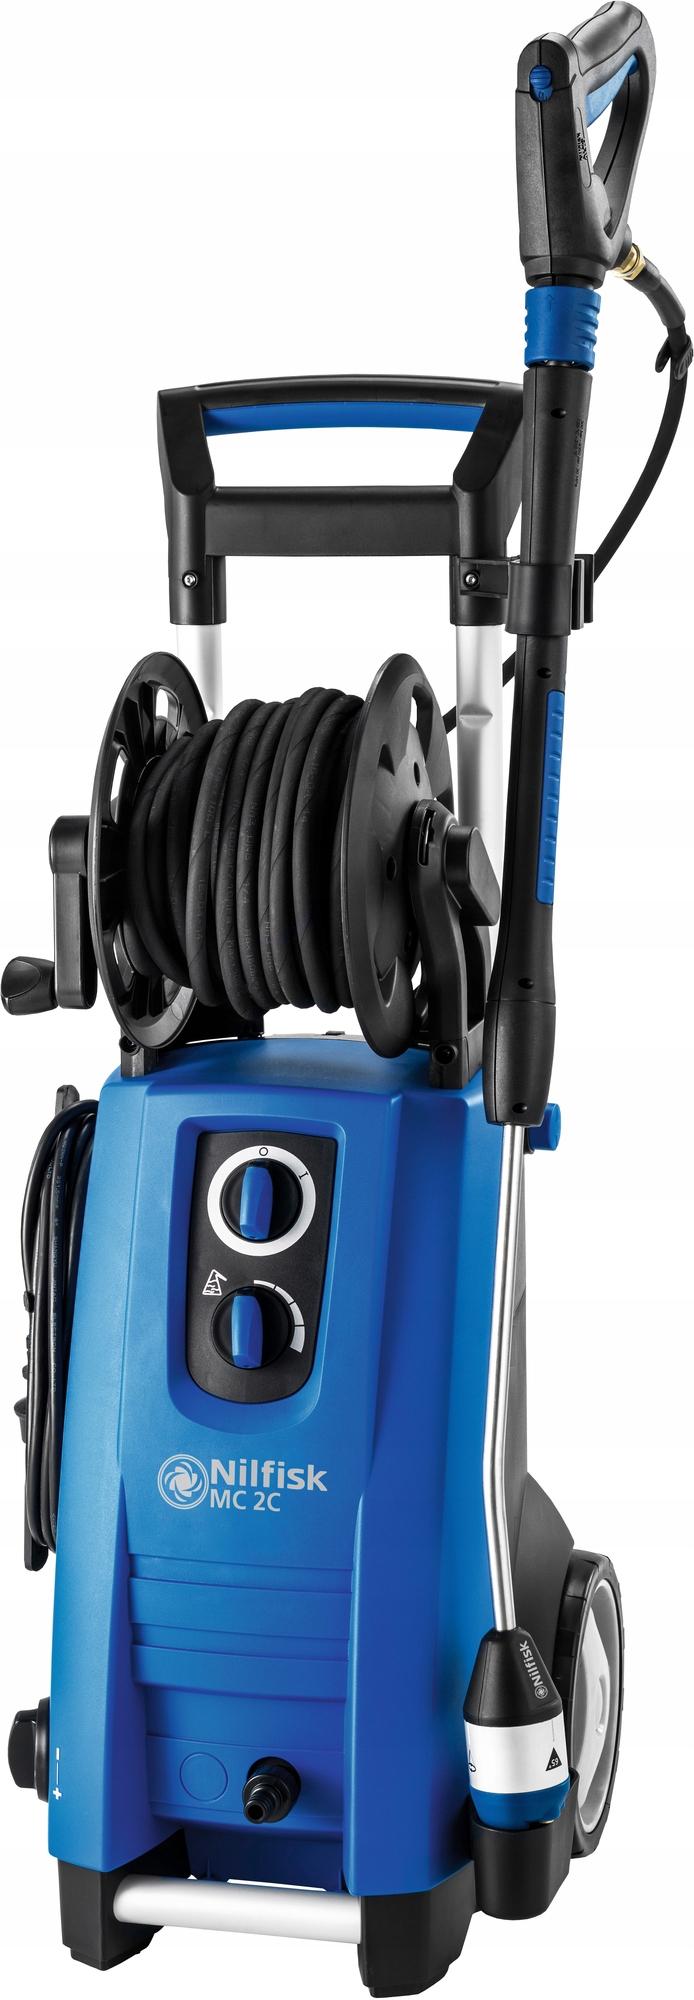 Моечная машина высокого давления zimnowodna Nilfisk MC 2C-120/520